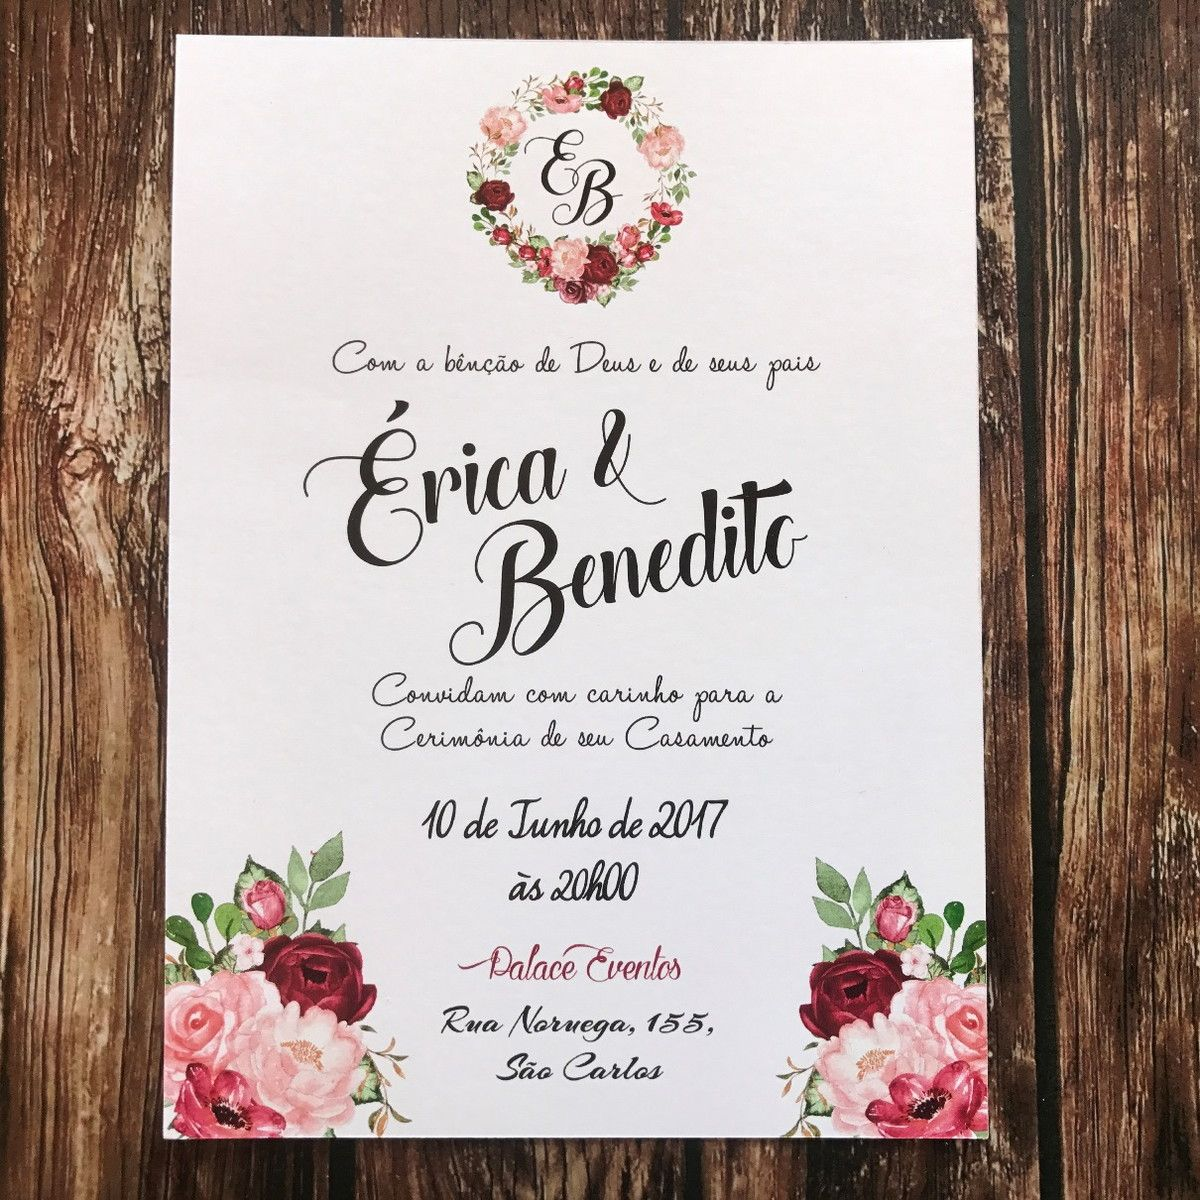 Vintage Wedding Invitation Template, Rustic Wedding